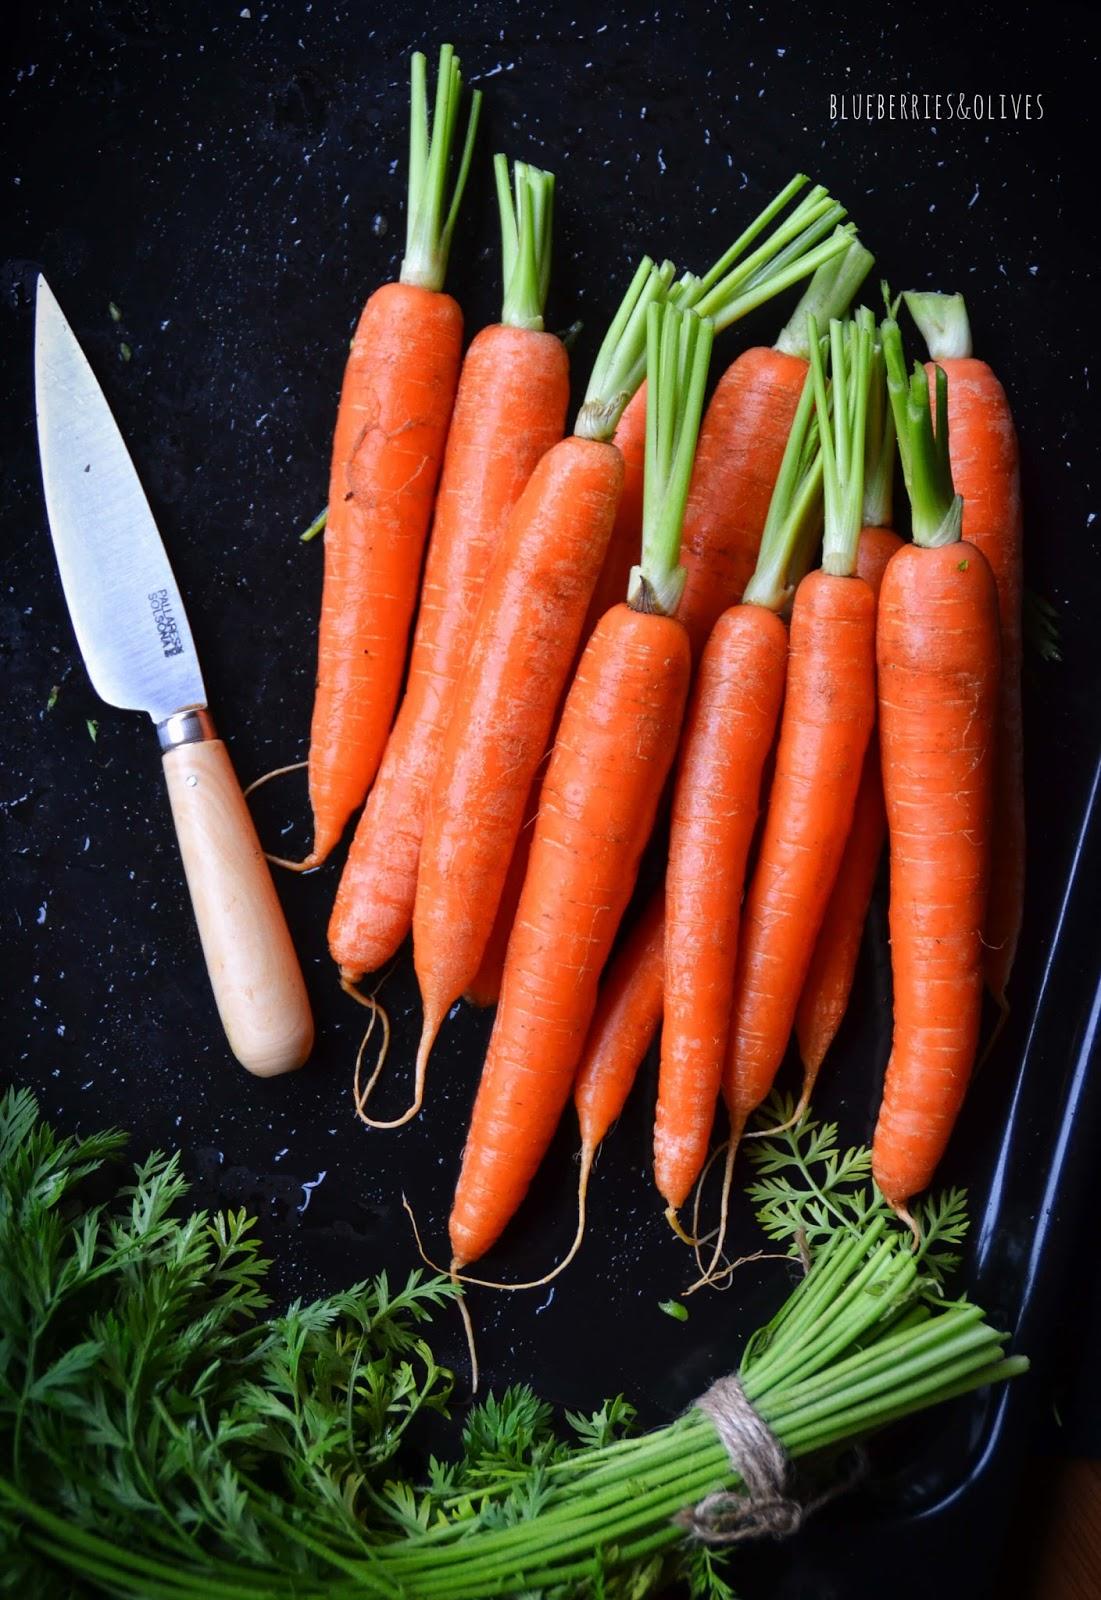 Zanahorias - Crema de zanahoria y calabaza con leche de coco